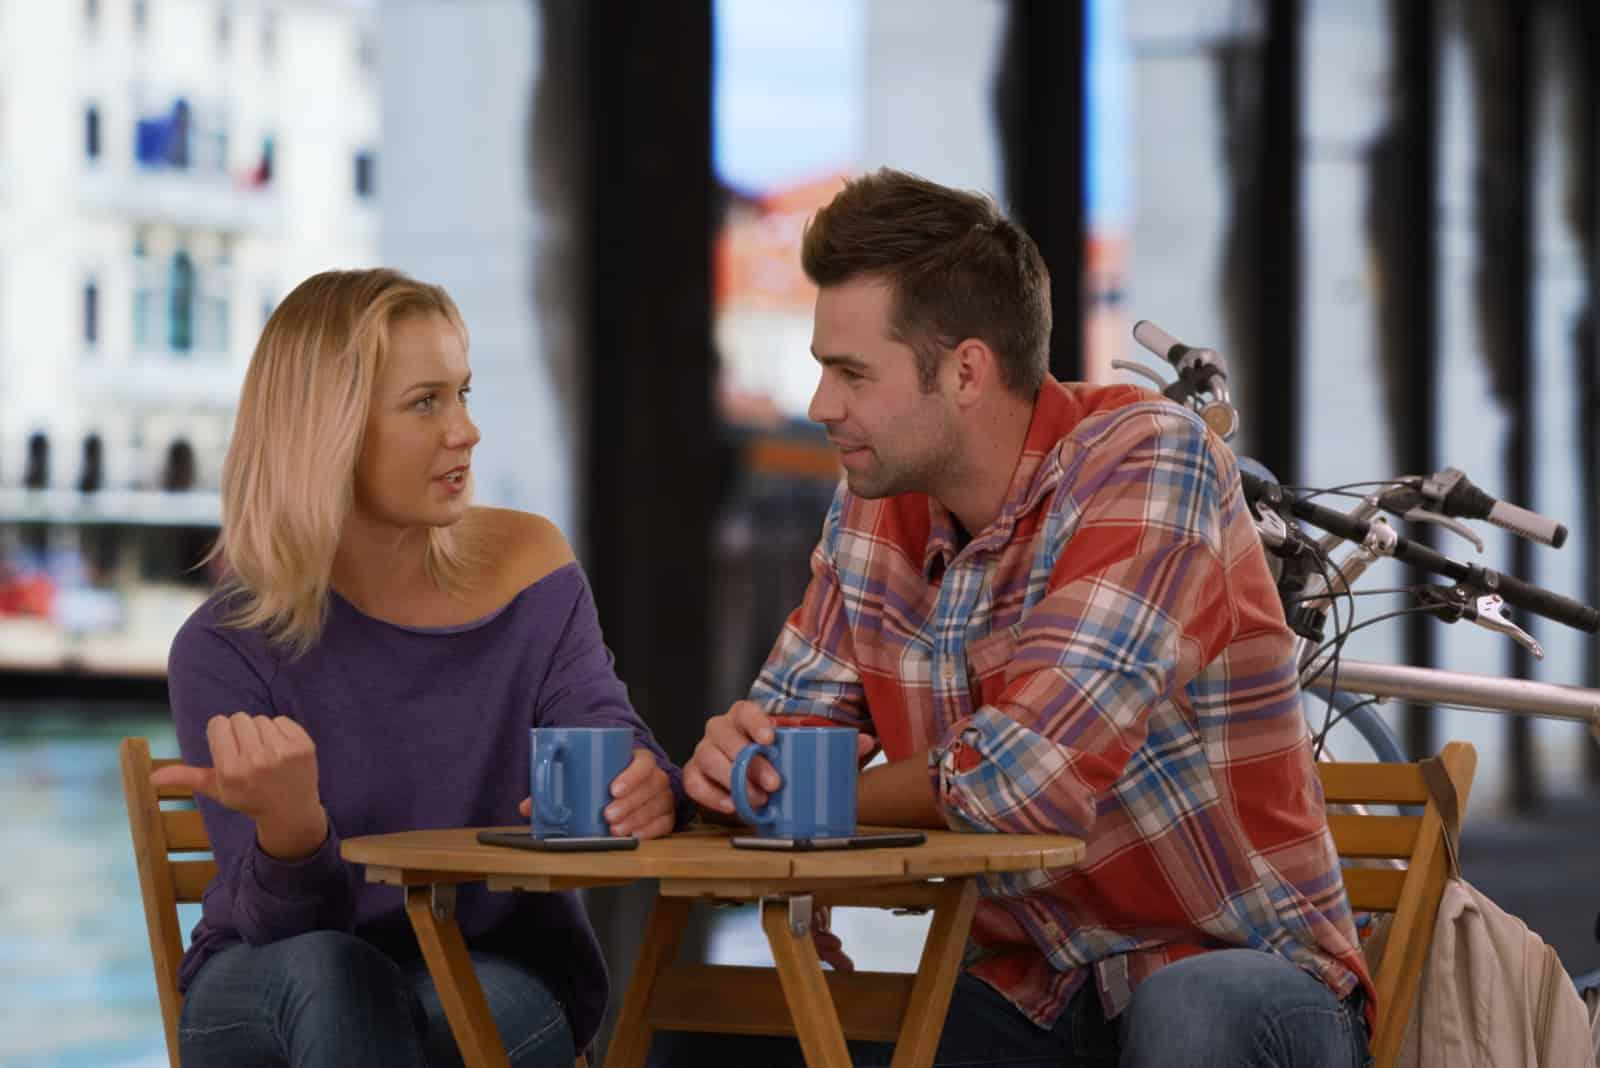 une fille et un mec lors d'un premier rendez-vous